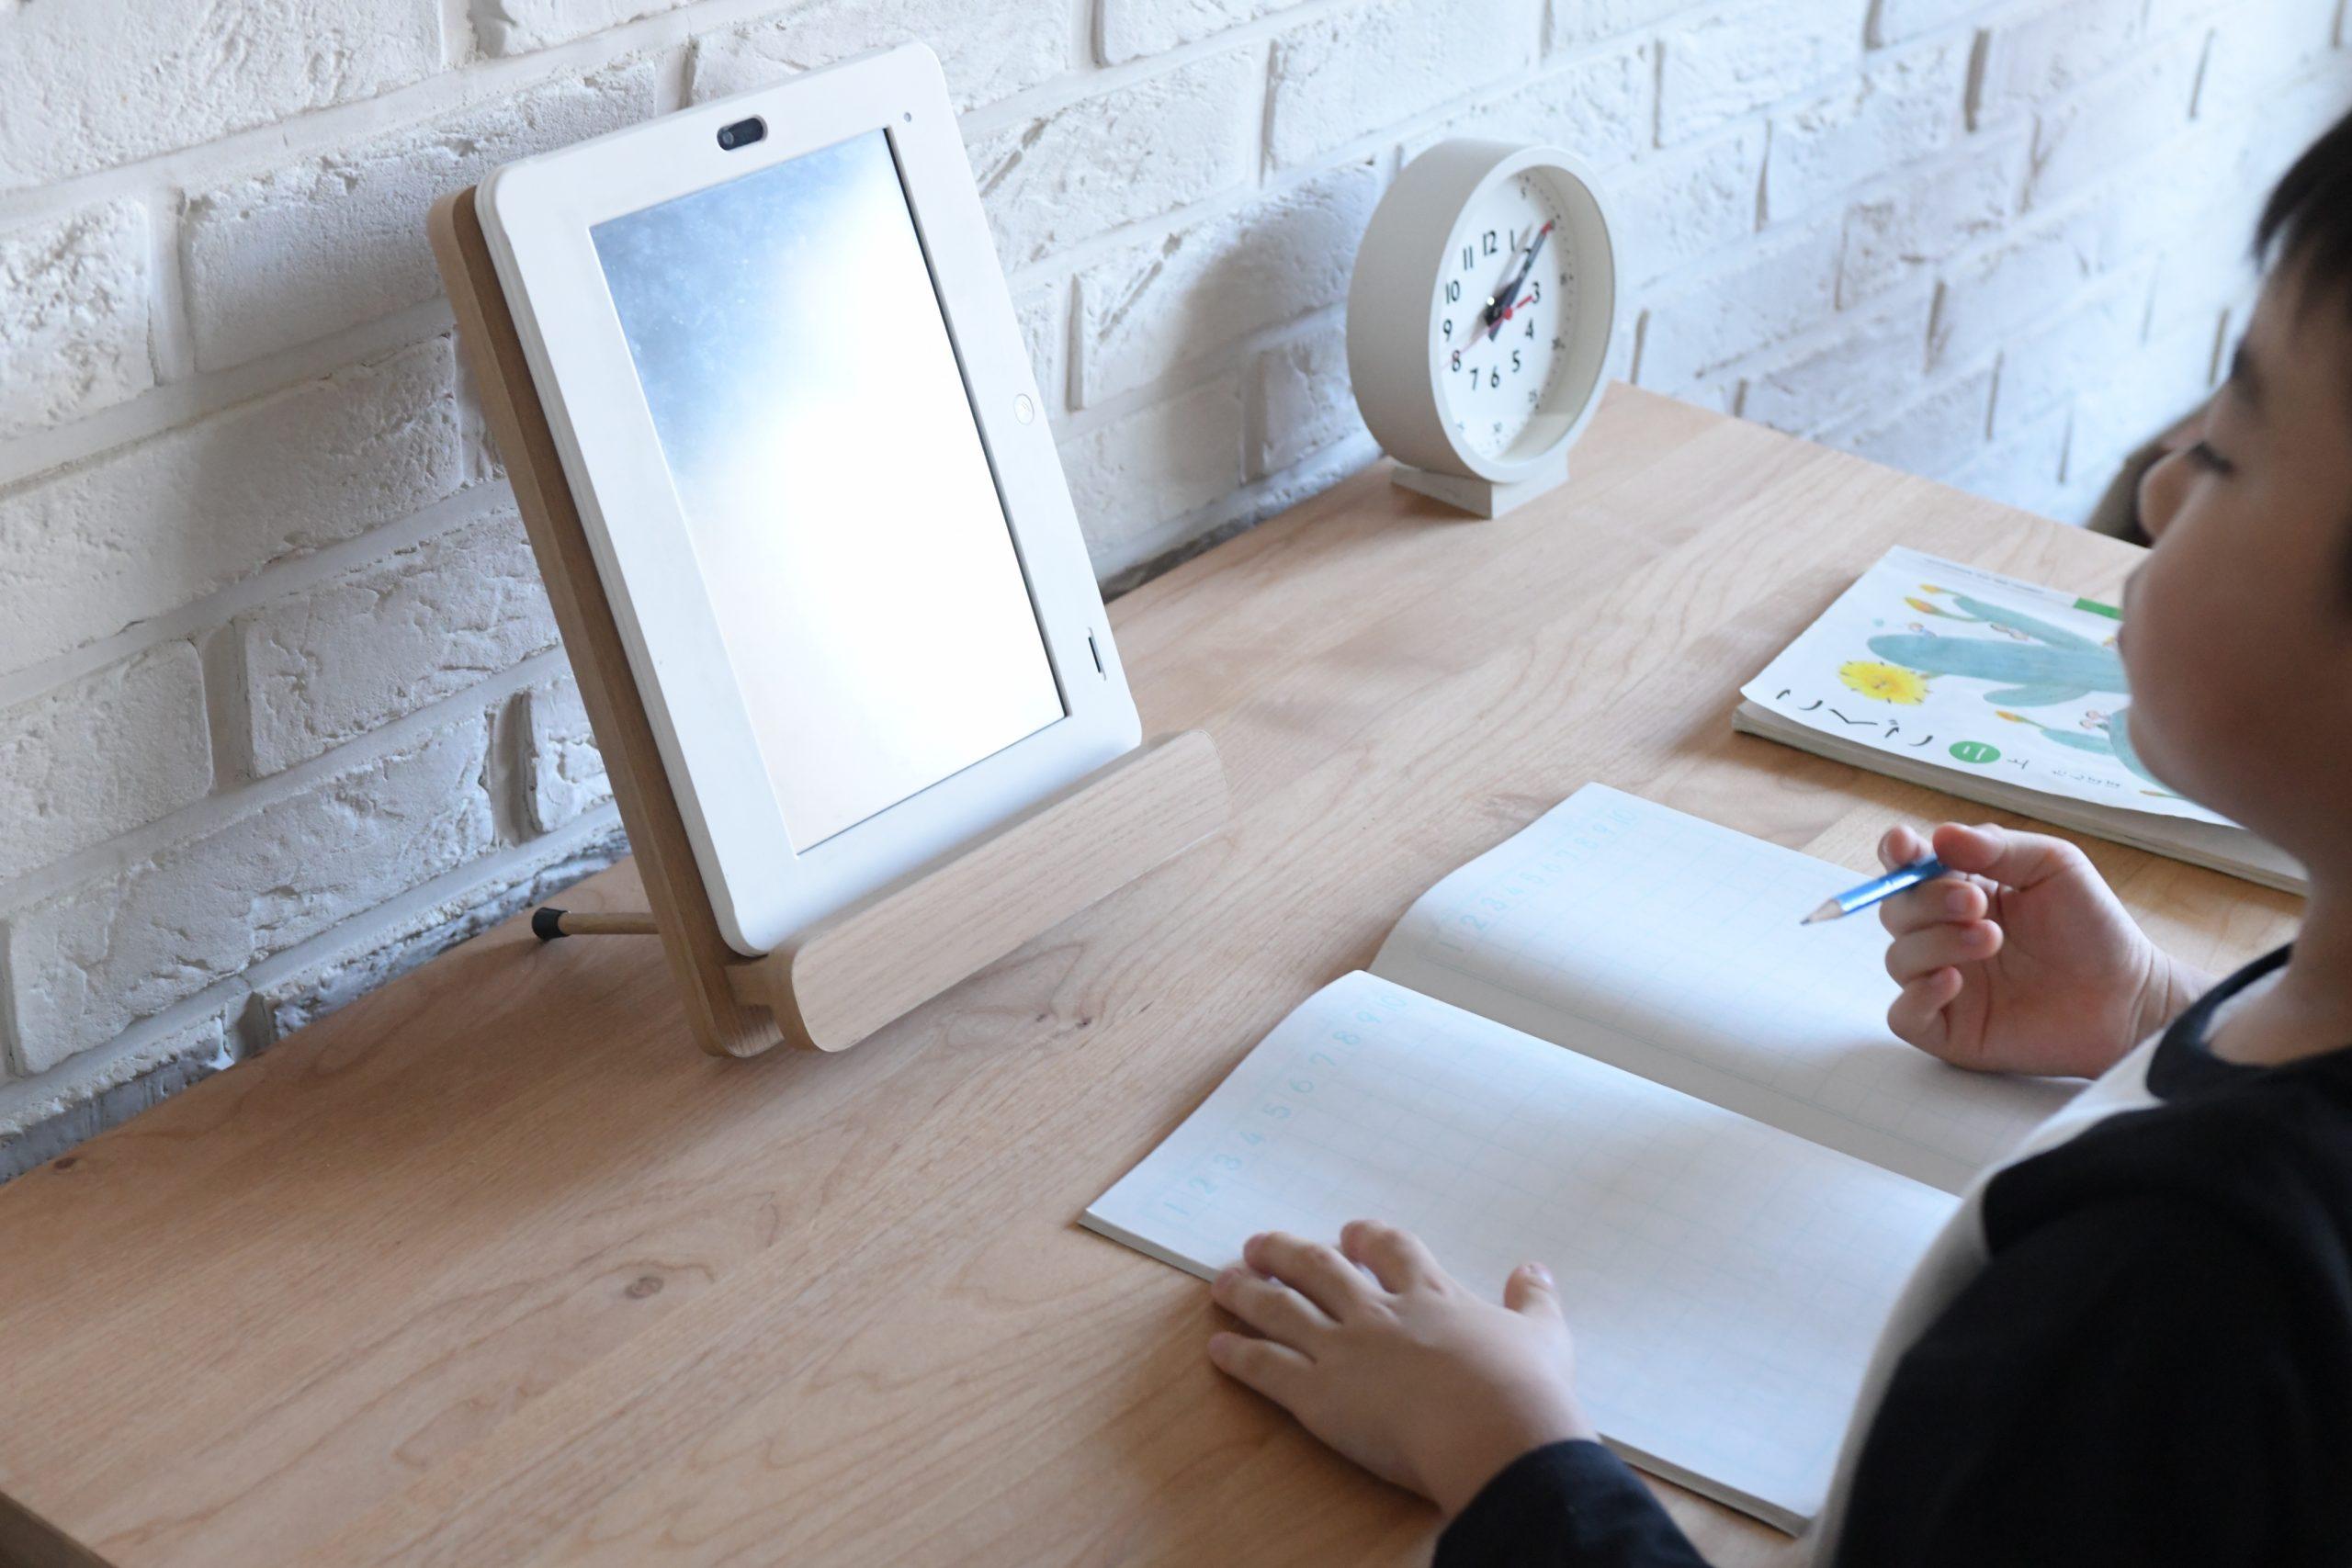 タブレット学習を快適にするタブレットスタンドの角度調整で姿勢矯正のサポートも